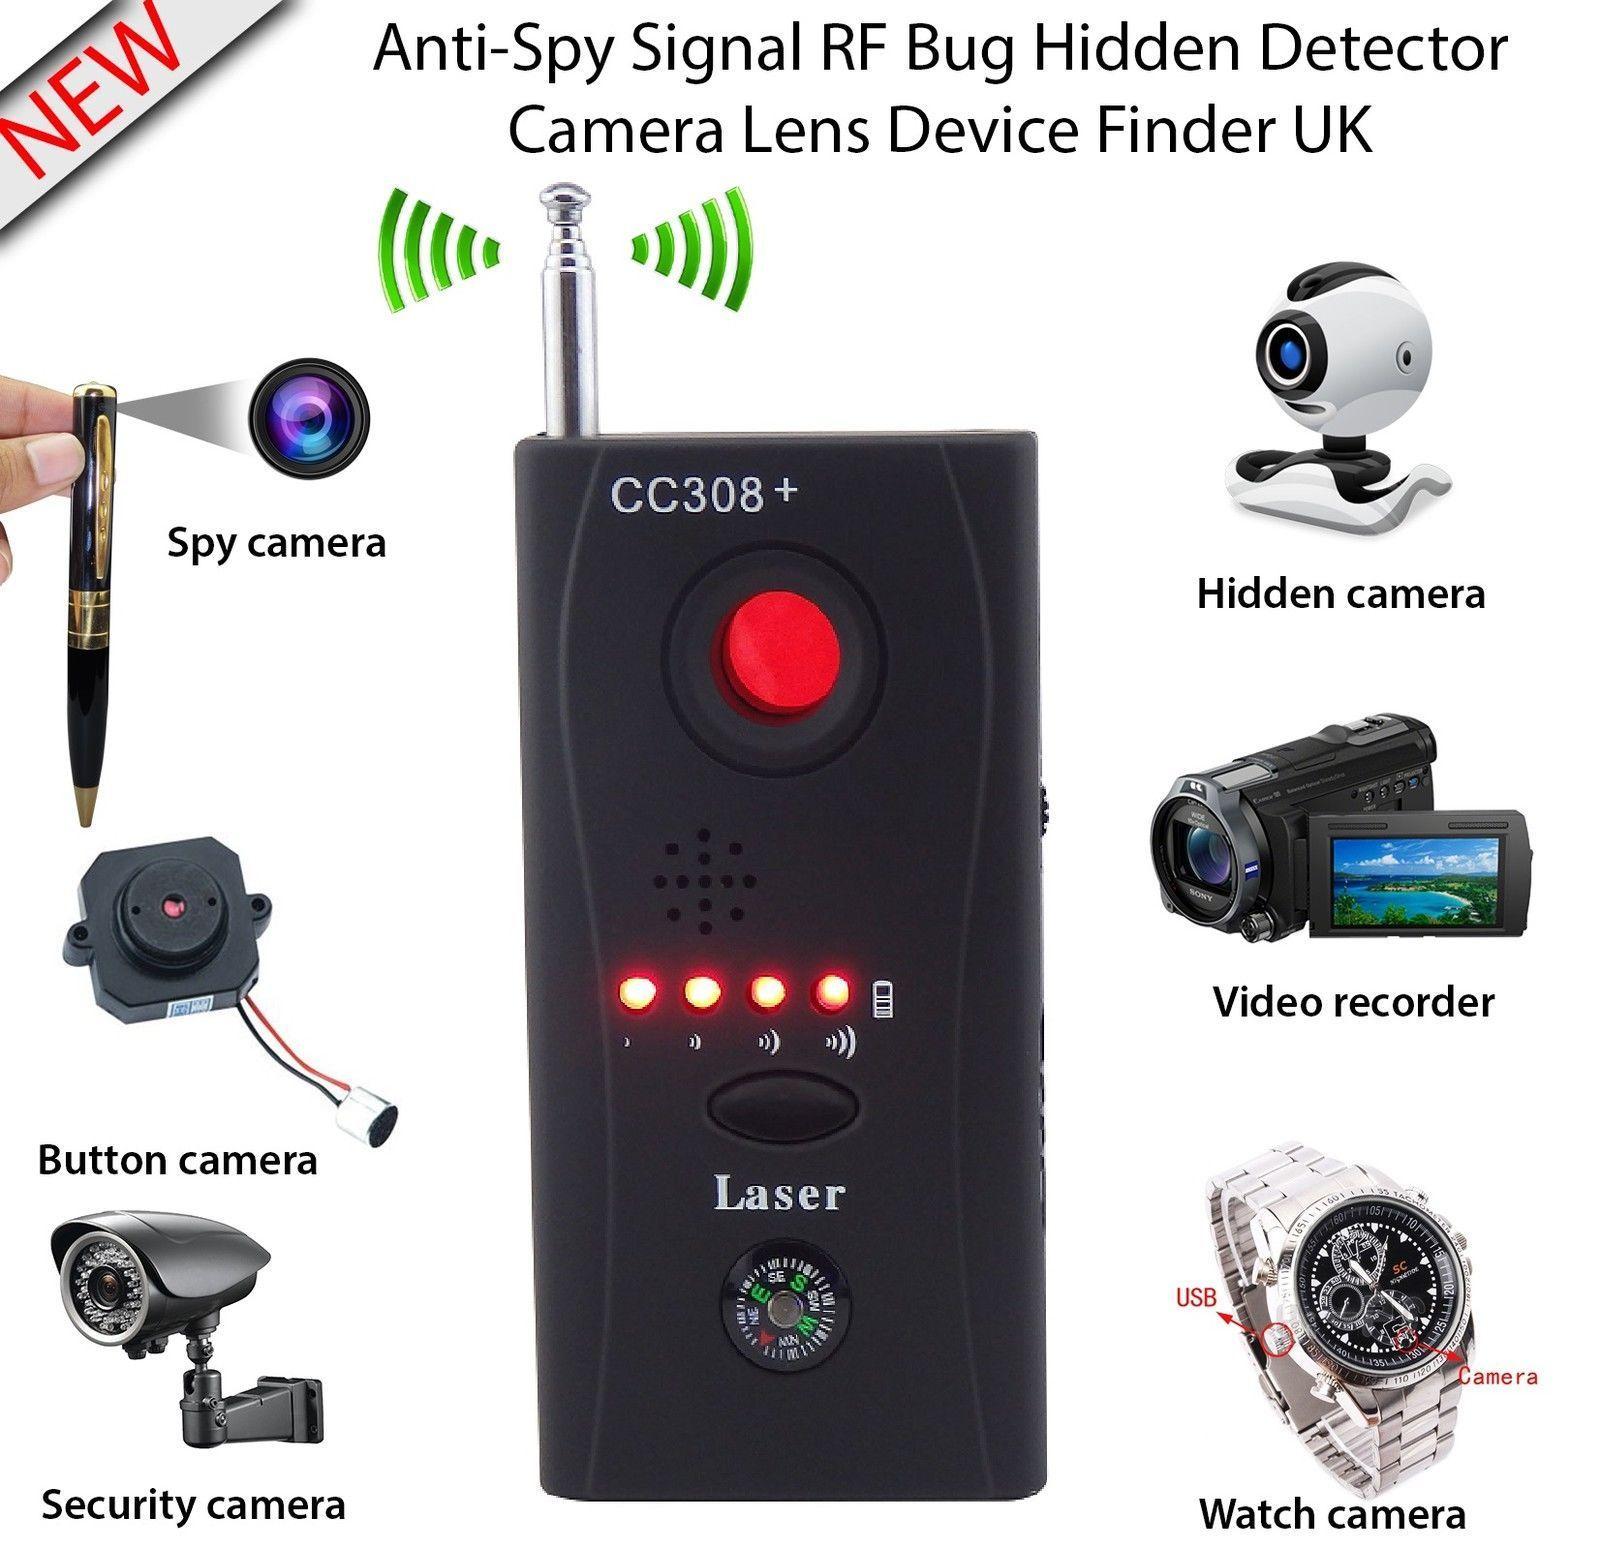 Câmera escondida gsm detector de bug áudio anti espião localizador gps sinal lente rf rastreador